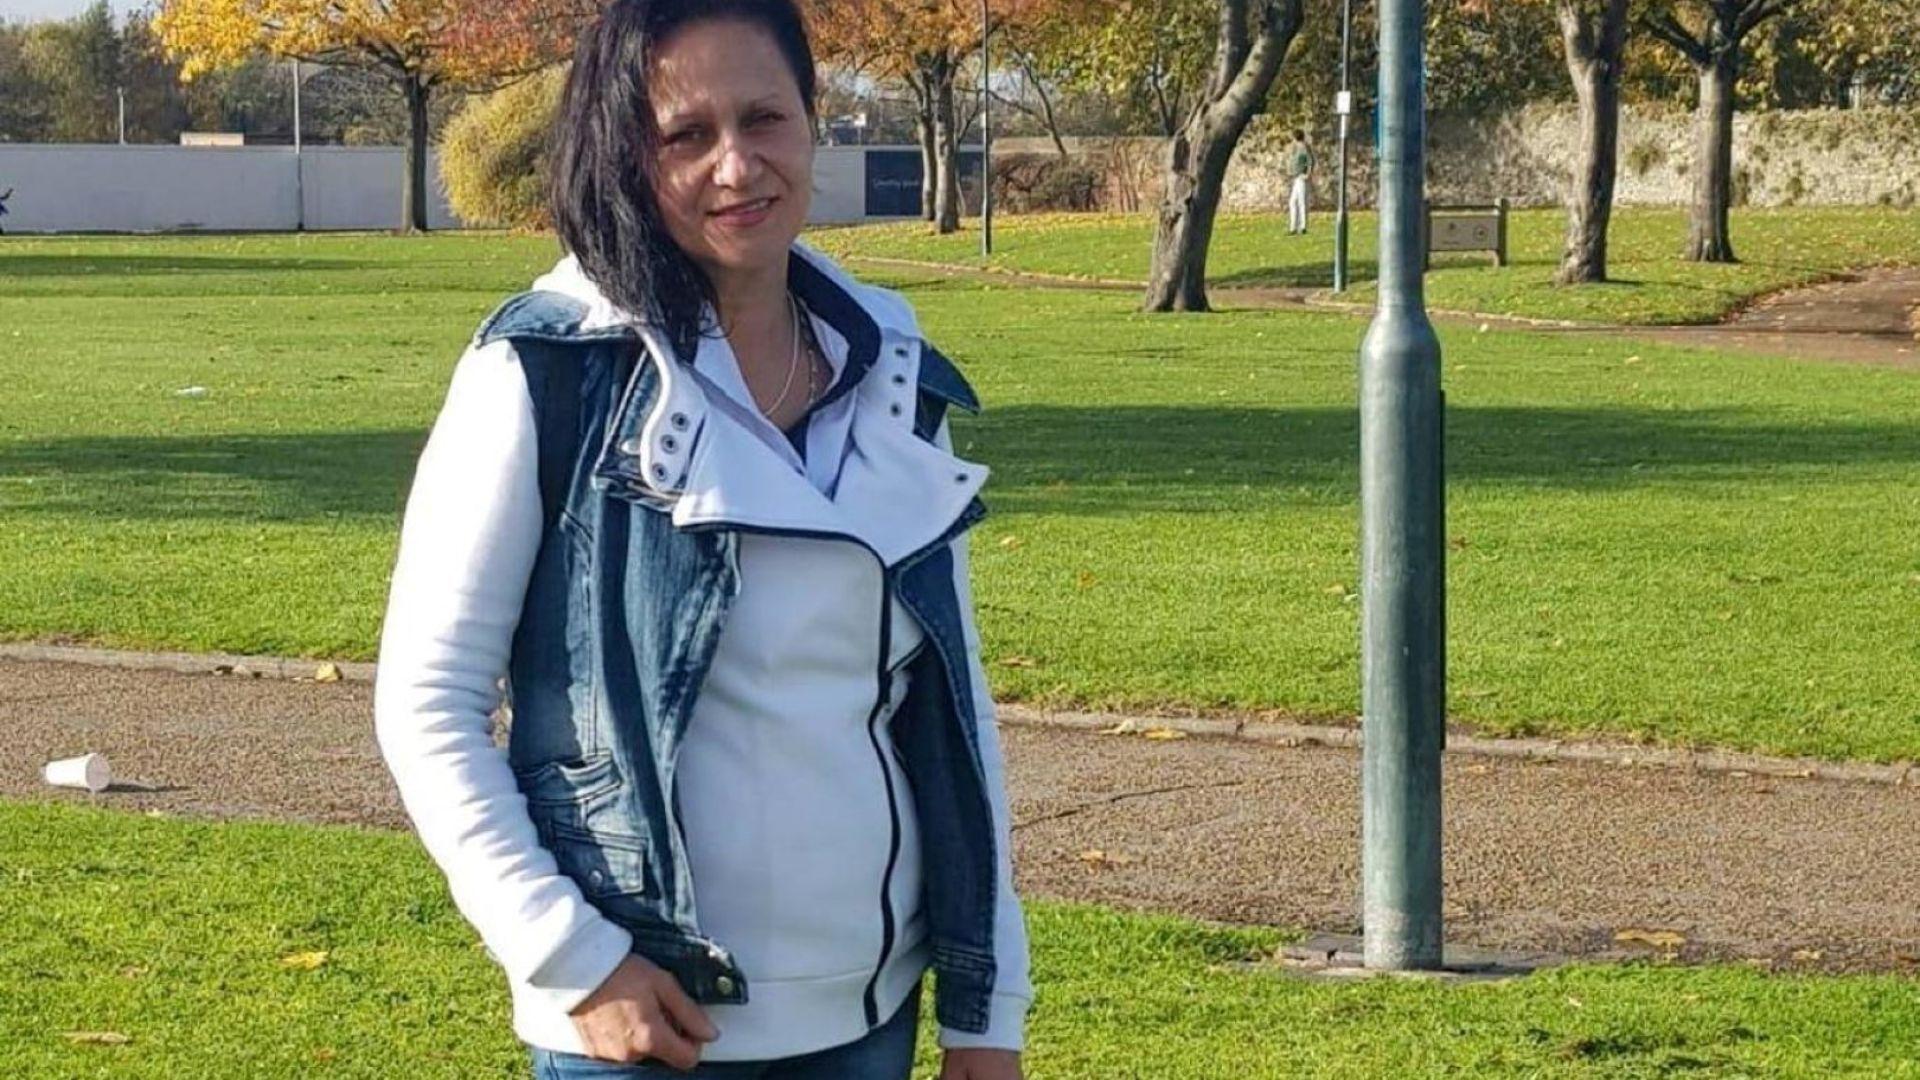 Българка, която работи като чистачка в Англия, изроди бебе във влак